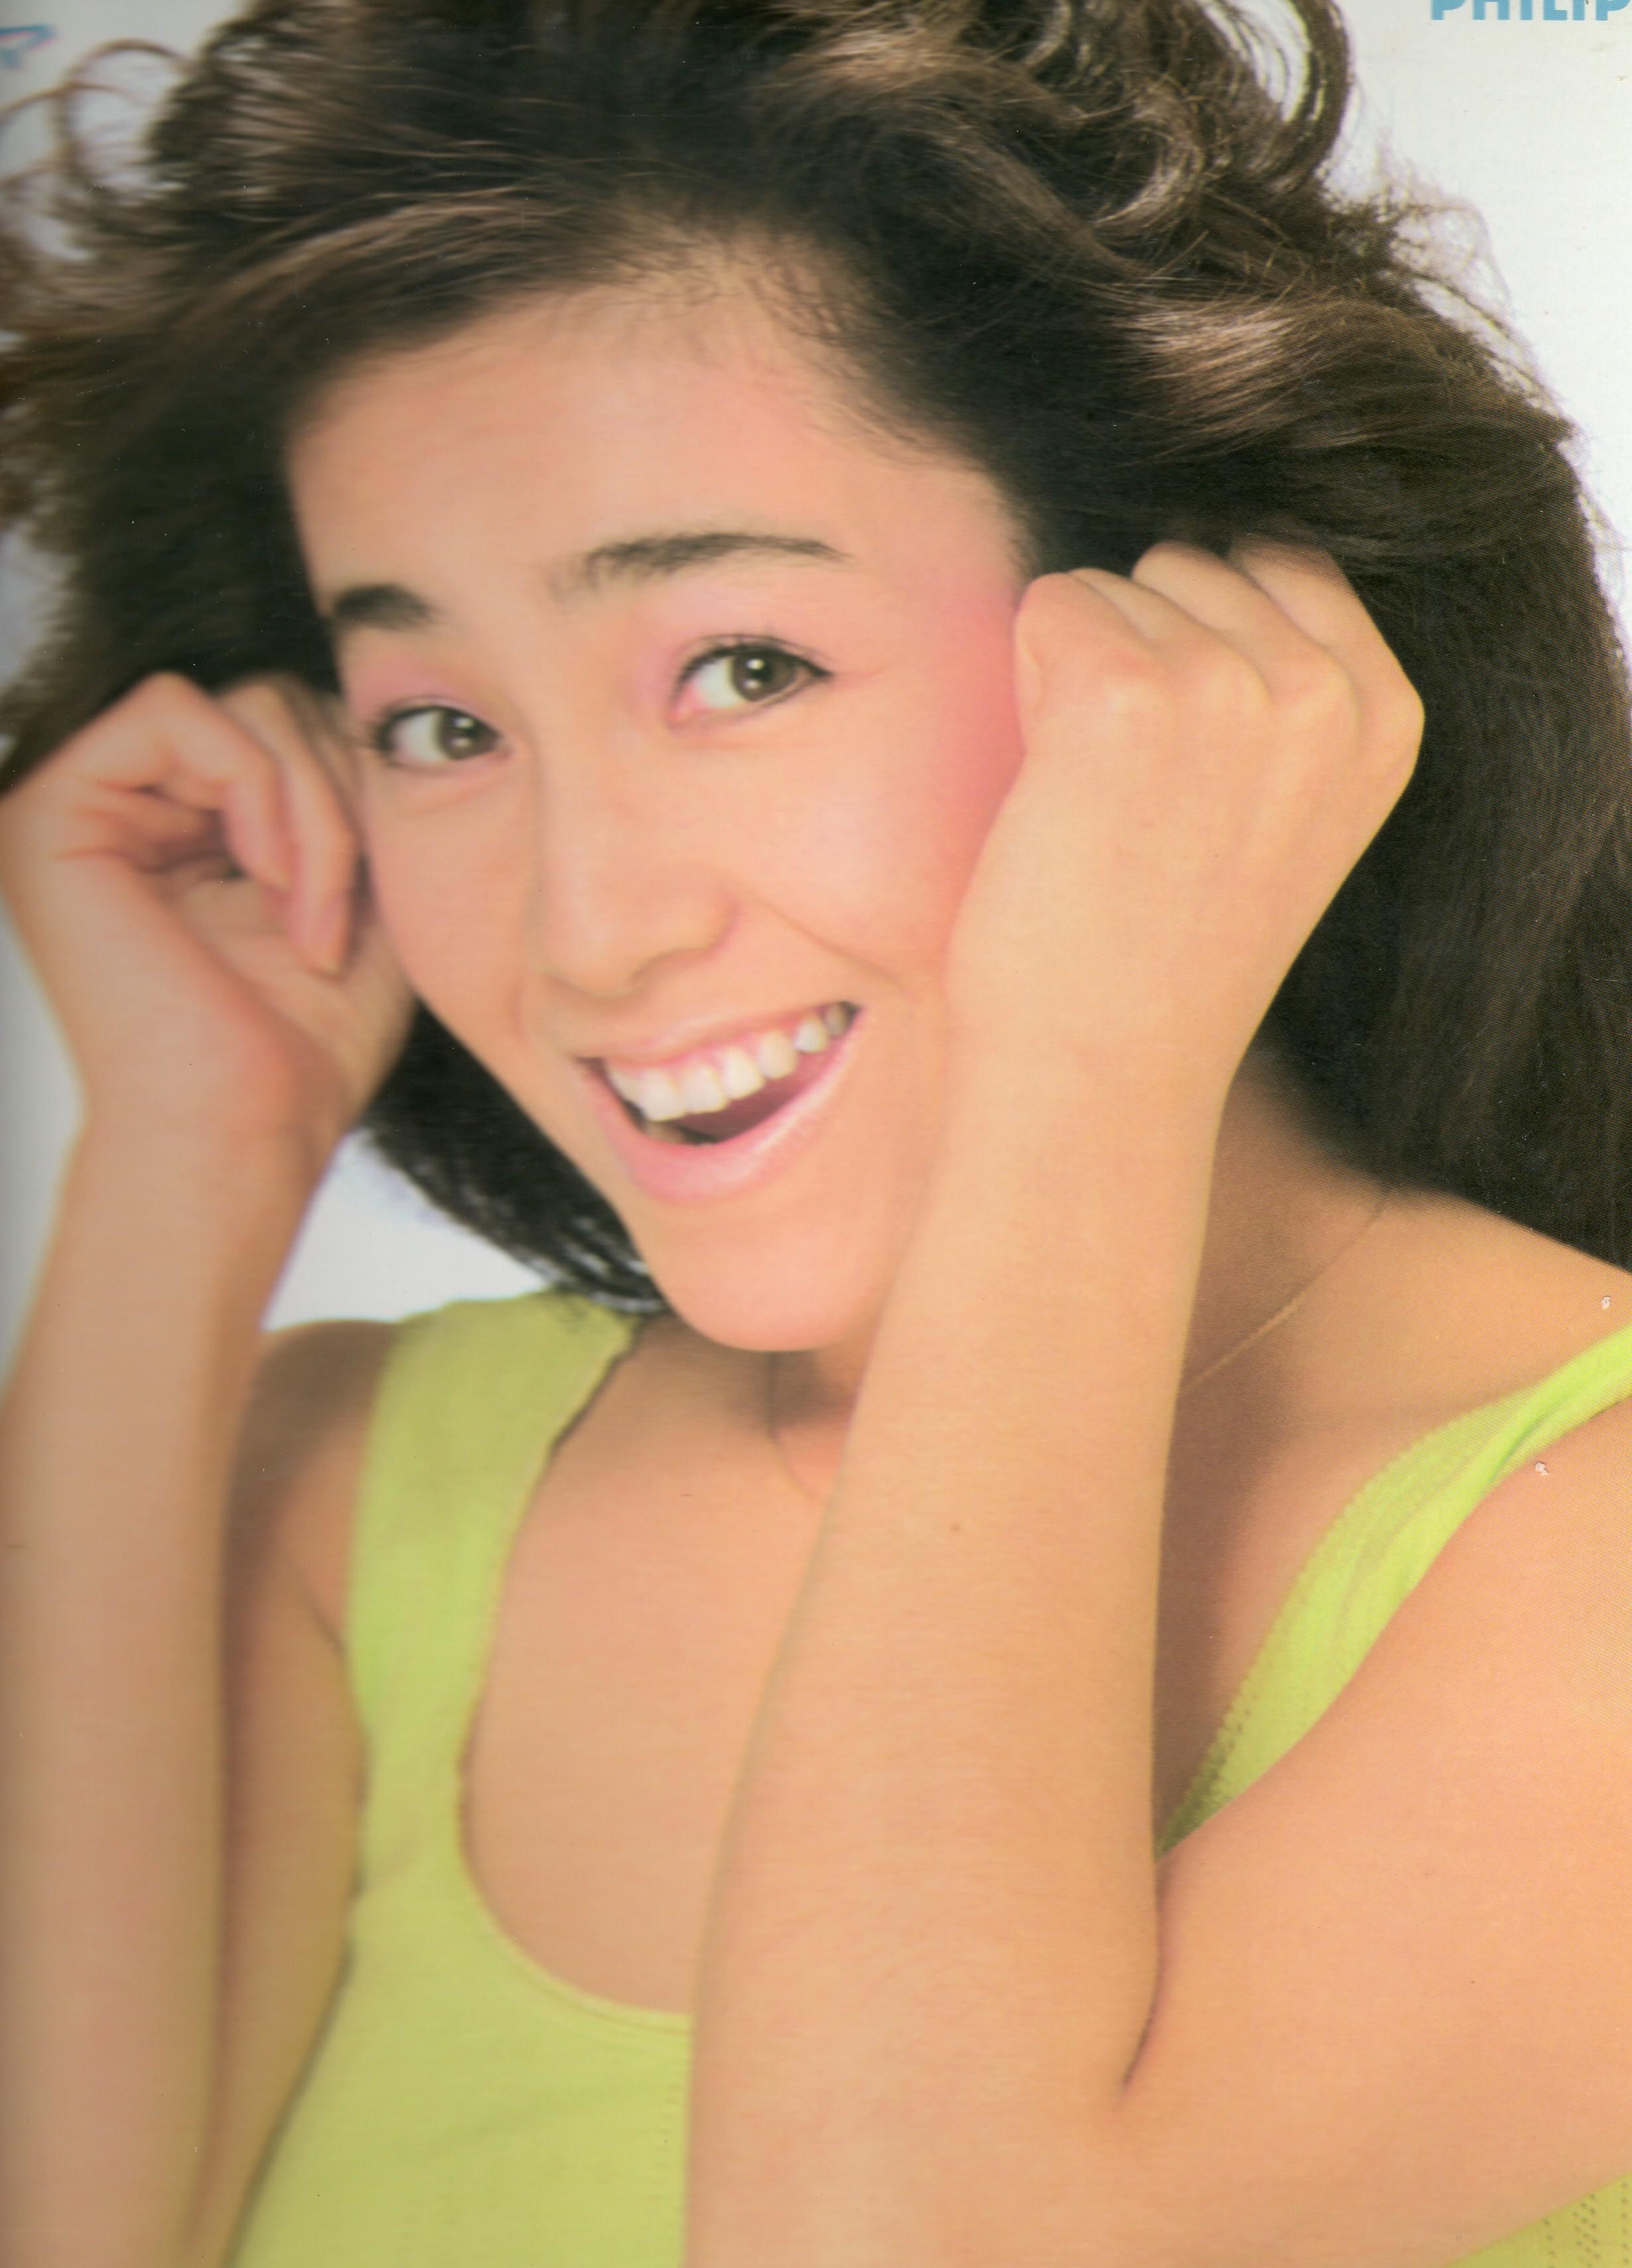 アイドル柏原芳恵にまつわる「こけし」事件の一連をまとめてみたのサムネイル画像